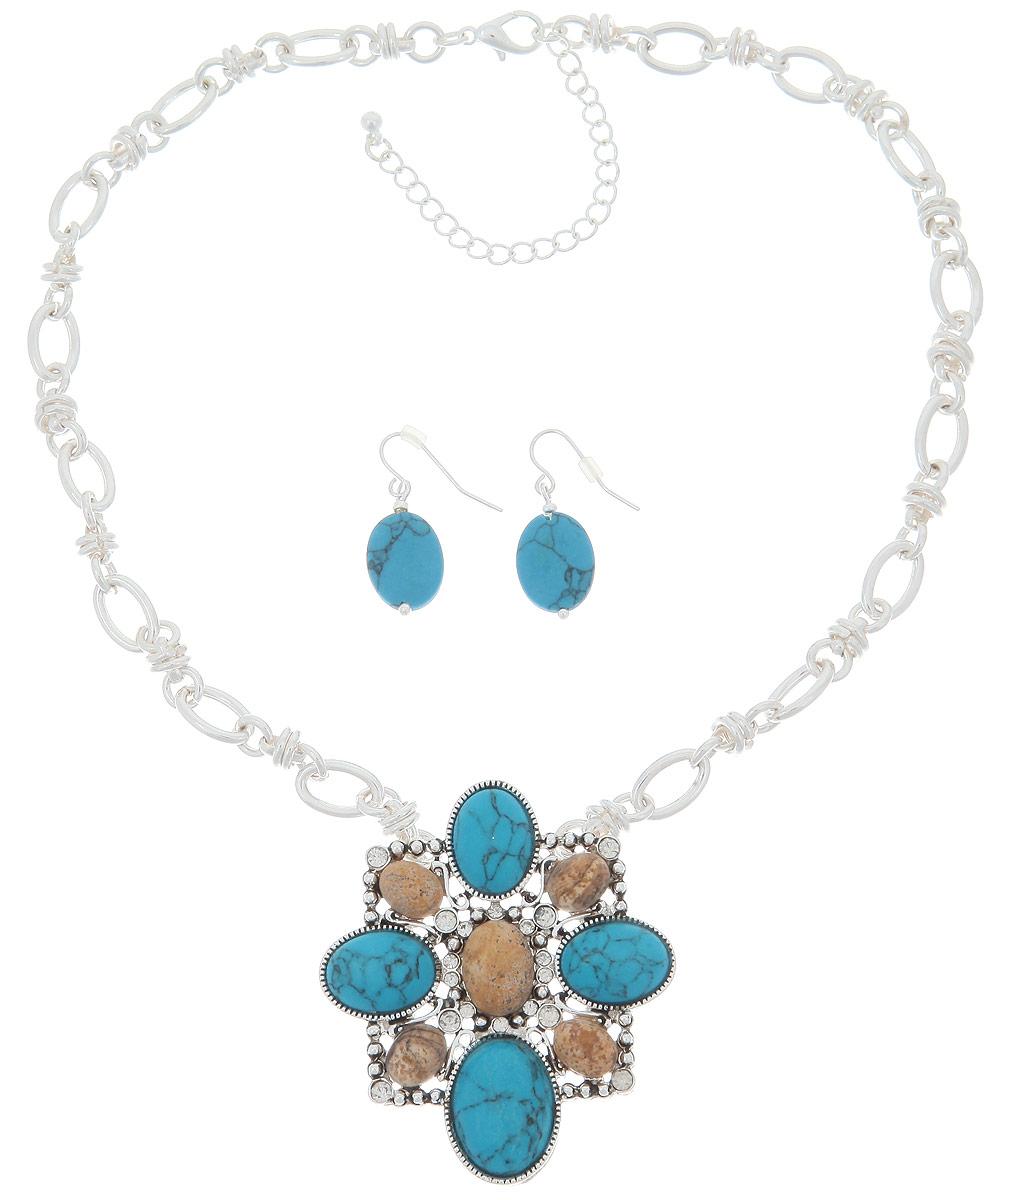 Комплект украшений Avgad: колье, серьги, цвет: серебристый, голубой. H-477S992H-477S992Изящный набор украшений Avgad, состоящий из колье и сережек, выполнен из ювелирного сплава. Колье представляет собой цепочку крупного плетения, оформленную подвеской со стразами и вставками из натурального камня. Колье имеет надежную застежку-карабин с регулирующей длину цепочкой. Серьги дополнены подвесками из натурального камня. Застегиваются серьги на замок-петлю. Комплект придаст вашему образу изюминку, подчеркнет красоту и изящество вечернего платья или преобразит повседневный наряд. Такой комплект позволит вам с легкостью воплотить самую смелую фантазию и создать собственный, неповторимый образ.